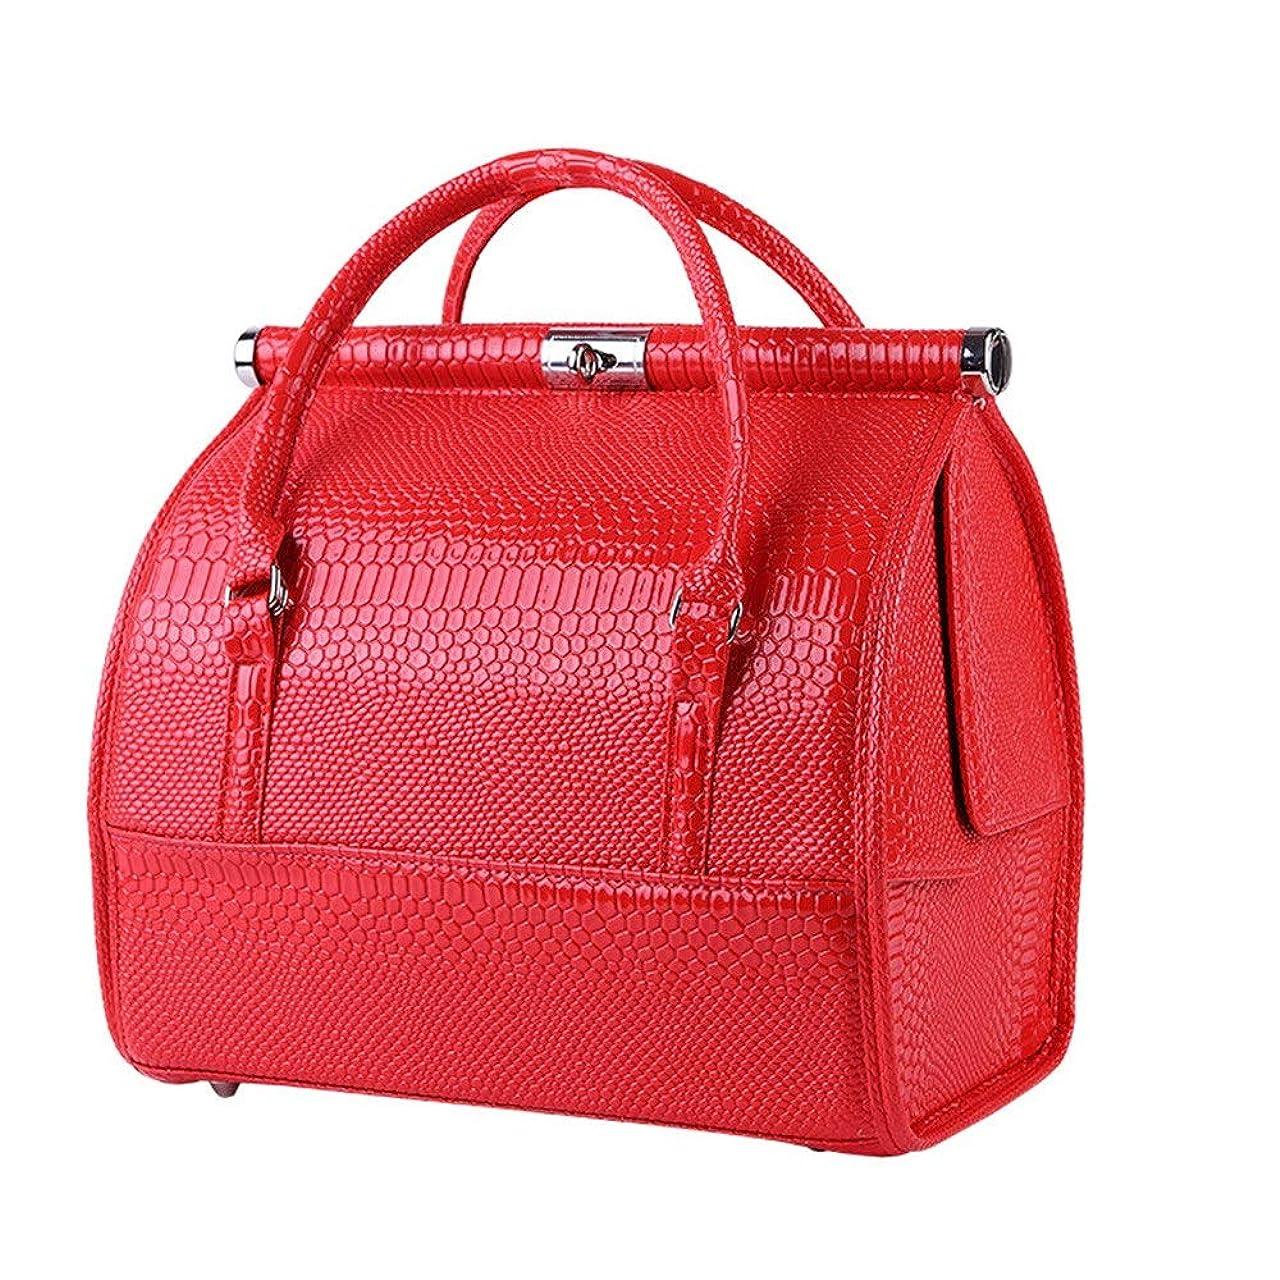 いくつかの委託福祉化粧オーガナイザーバッグ 女性の女性のための美容メイクアップのためのポータブル化粧品バッグ旅行と折り畳みトレイで毎日のストレージ 化粧品ケース